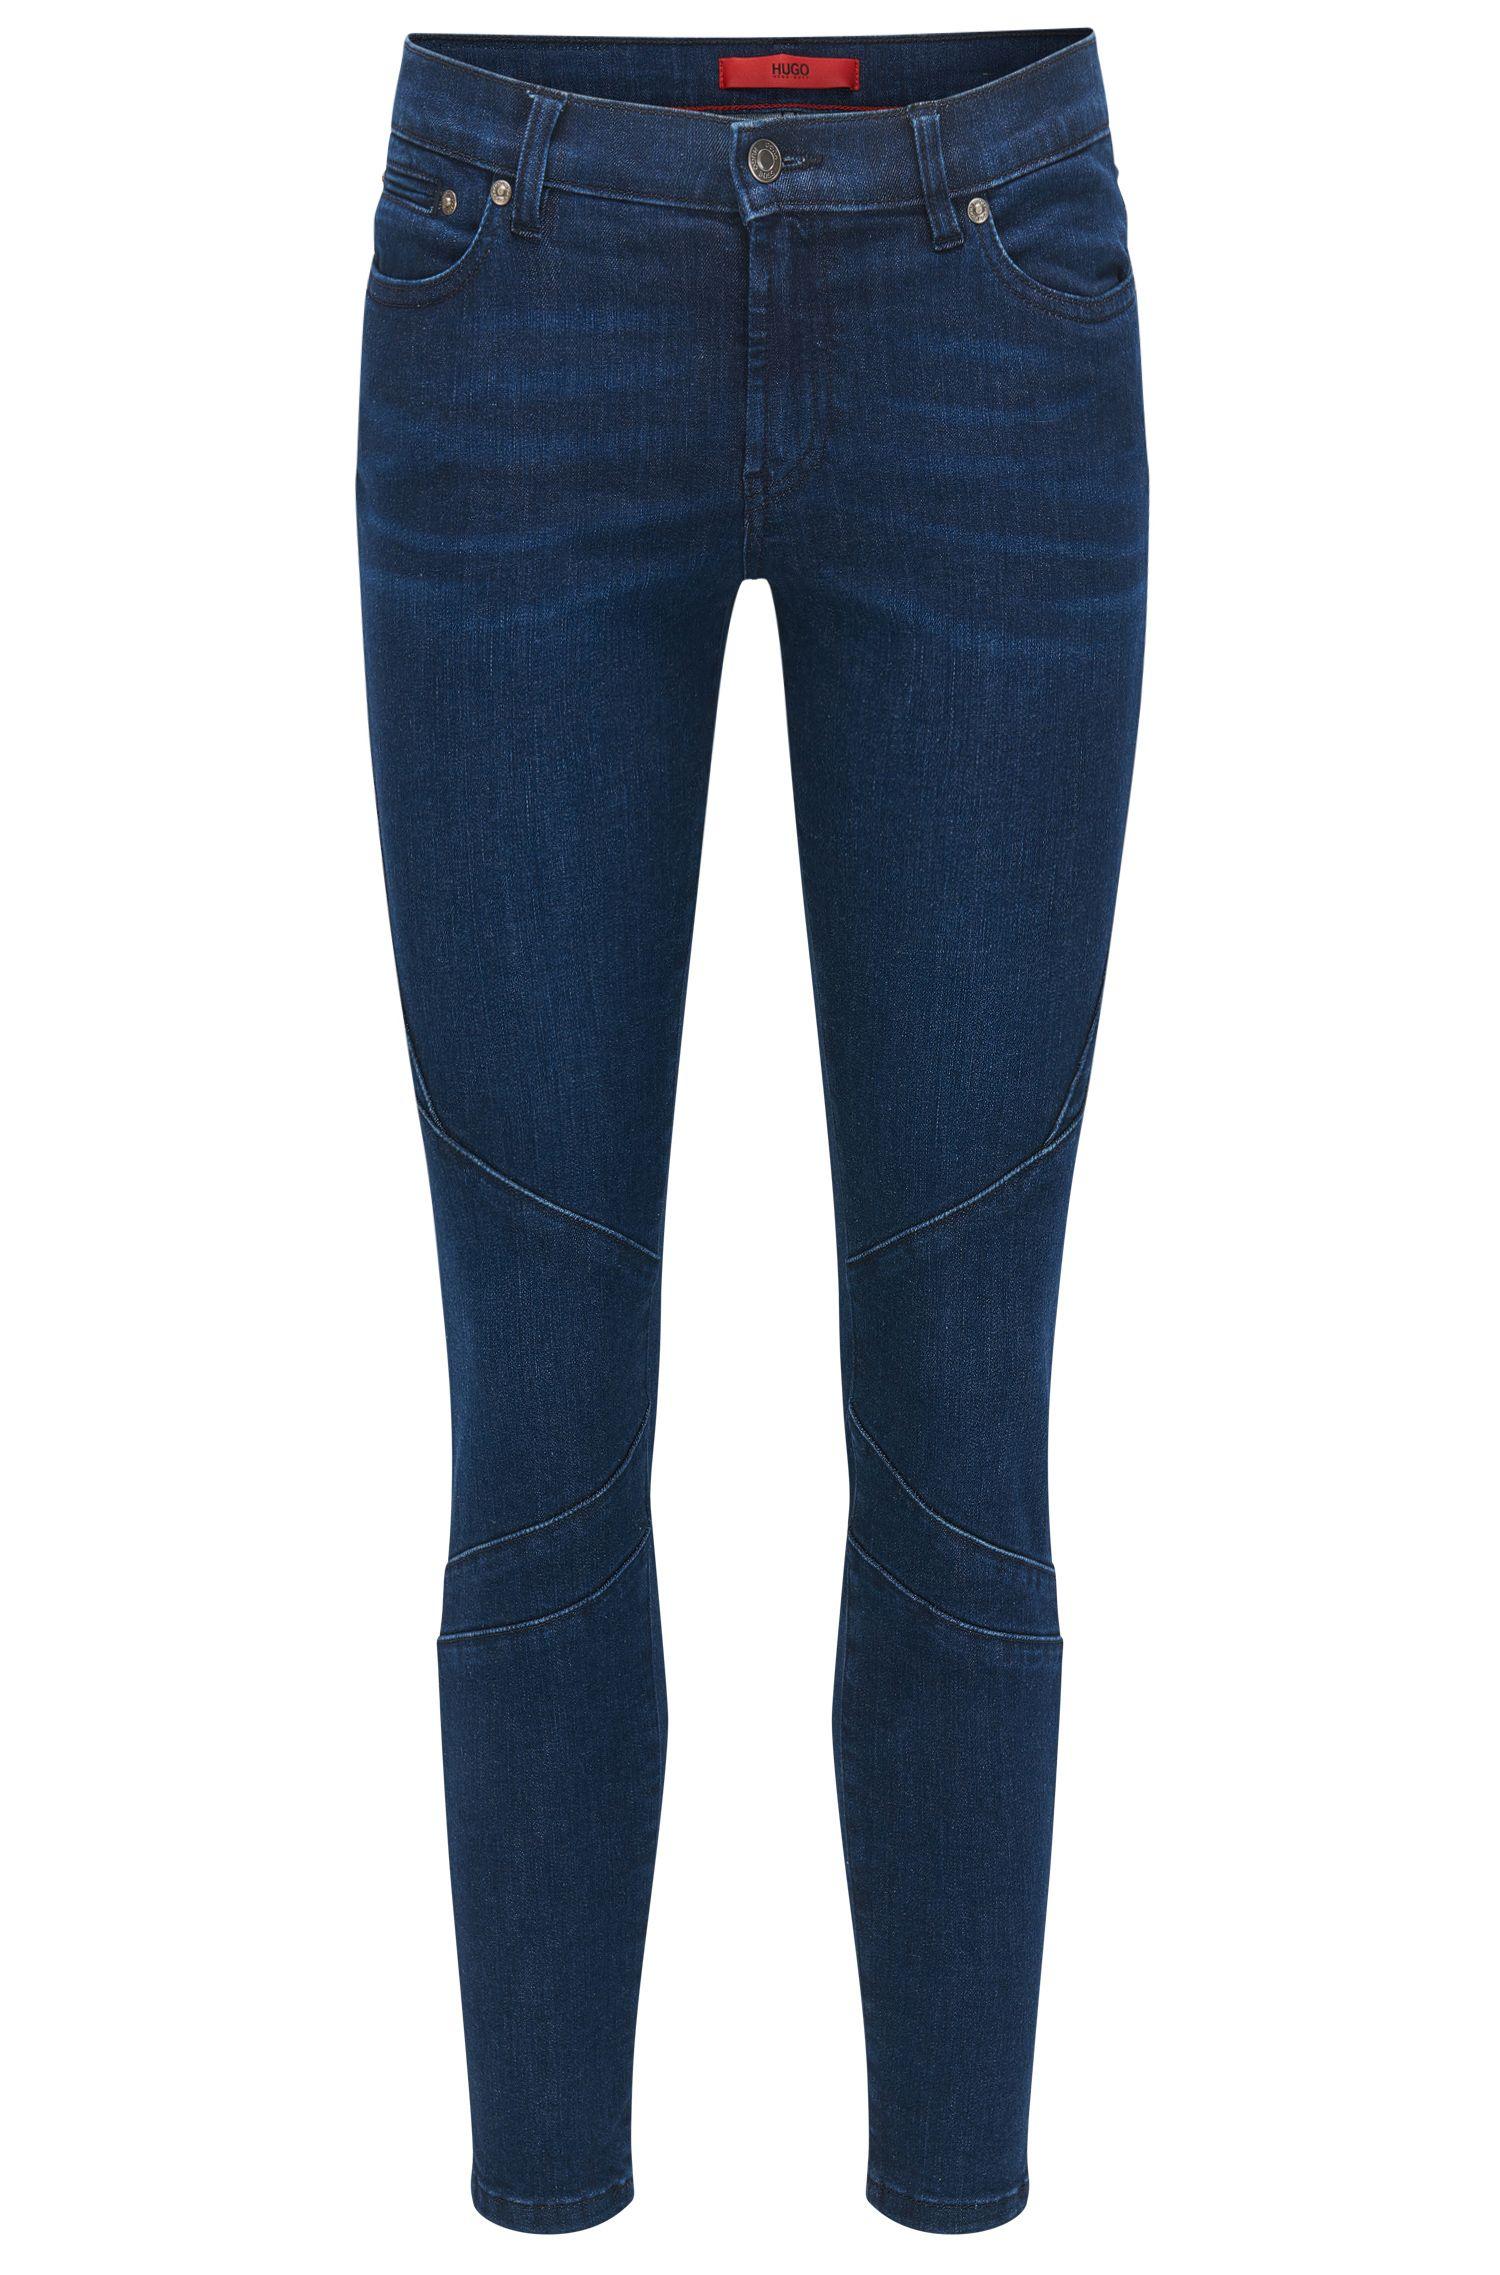 Jeans Skinny Fit en denim super stretch